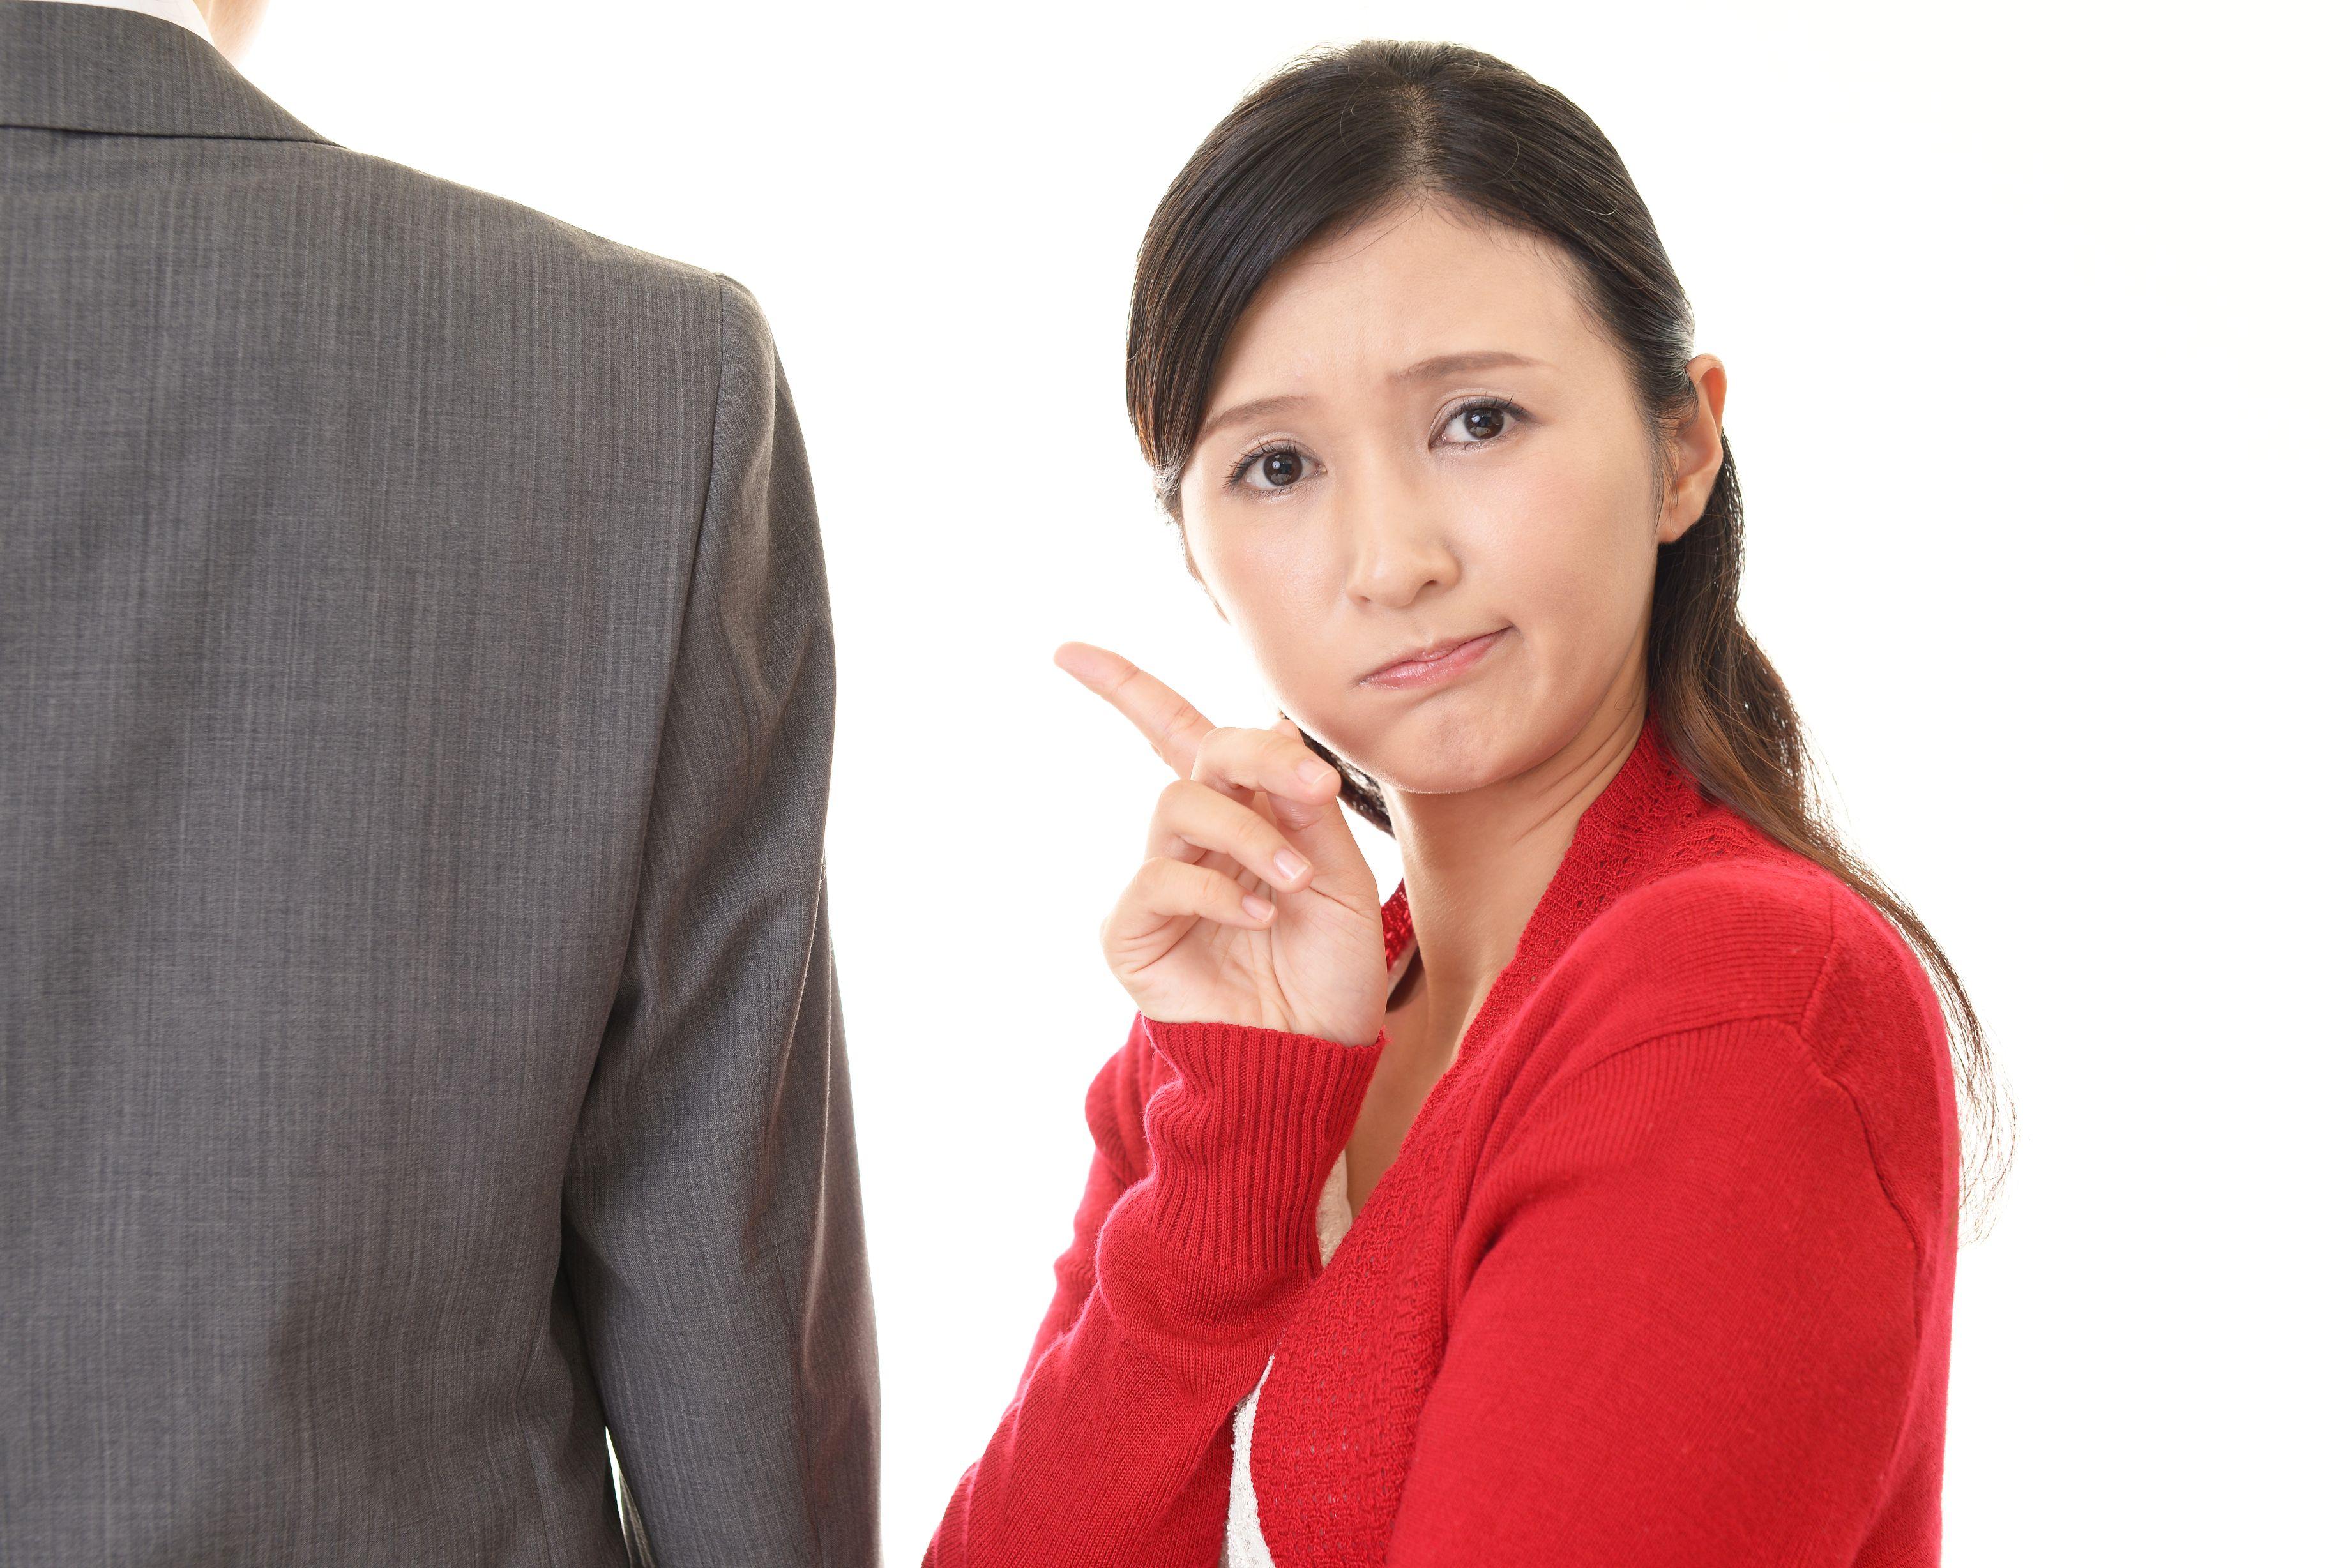 浮気しない男性の特徴と相手を見極める方法!リスクの低い彼を選ぼう